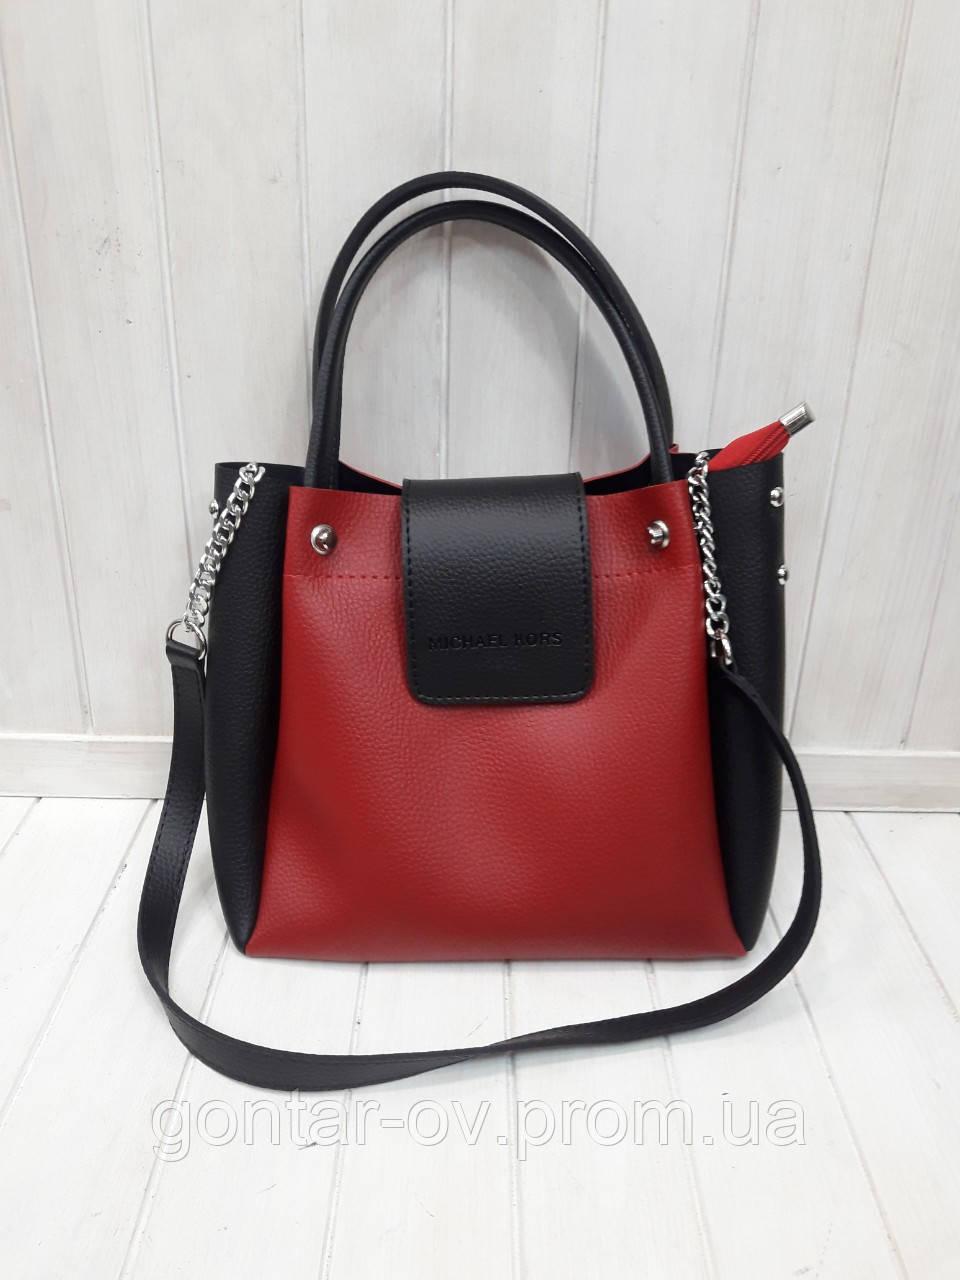 Сумка-шоппер Michael Kors черная с красным